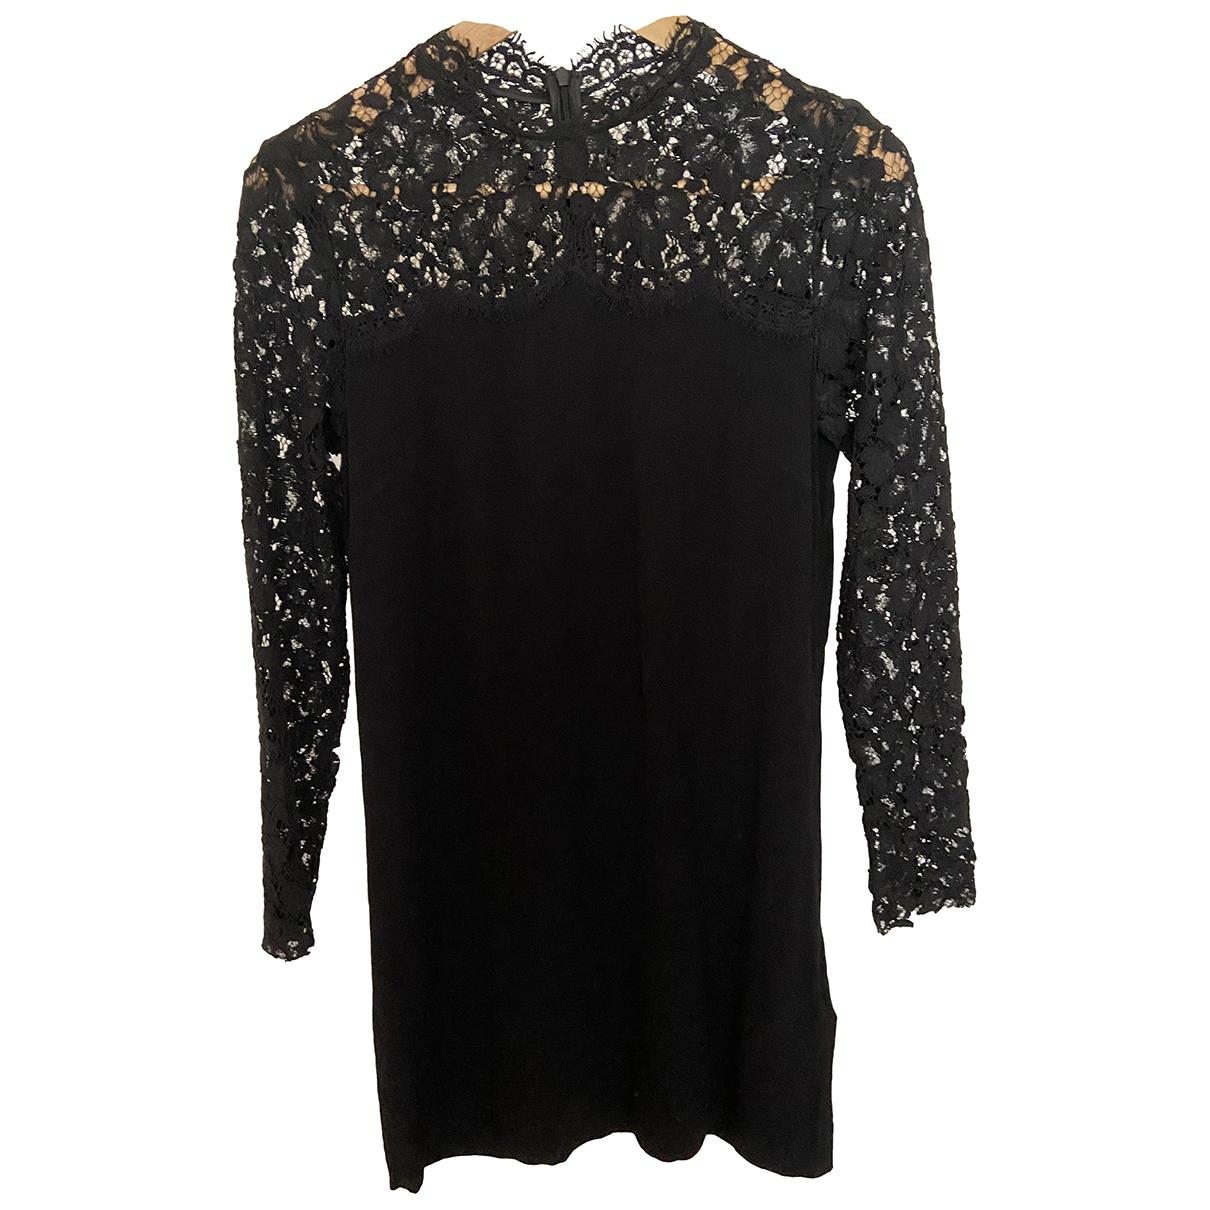 Sandro \N Black Lace dress for Women 34 FR